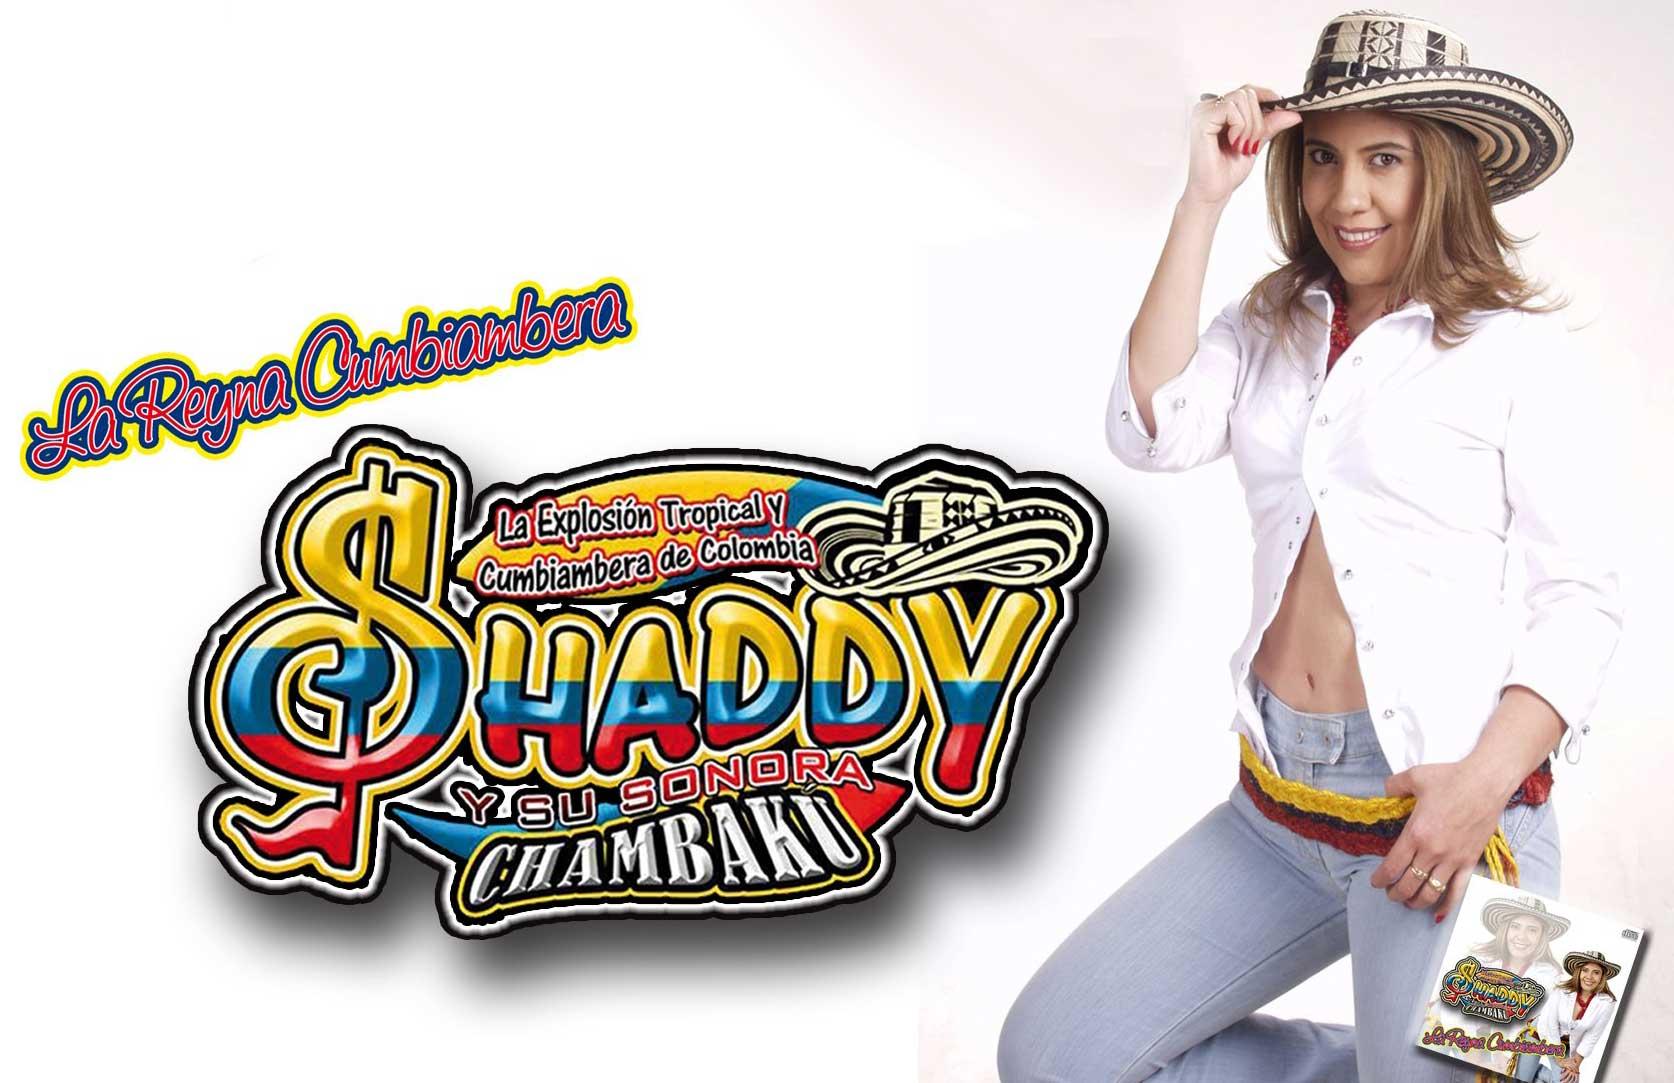 Shaddy y Sonora Chambaku Contrataciones en Starmedios.com